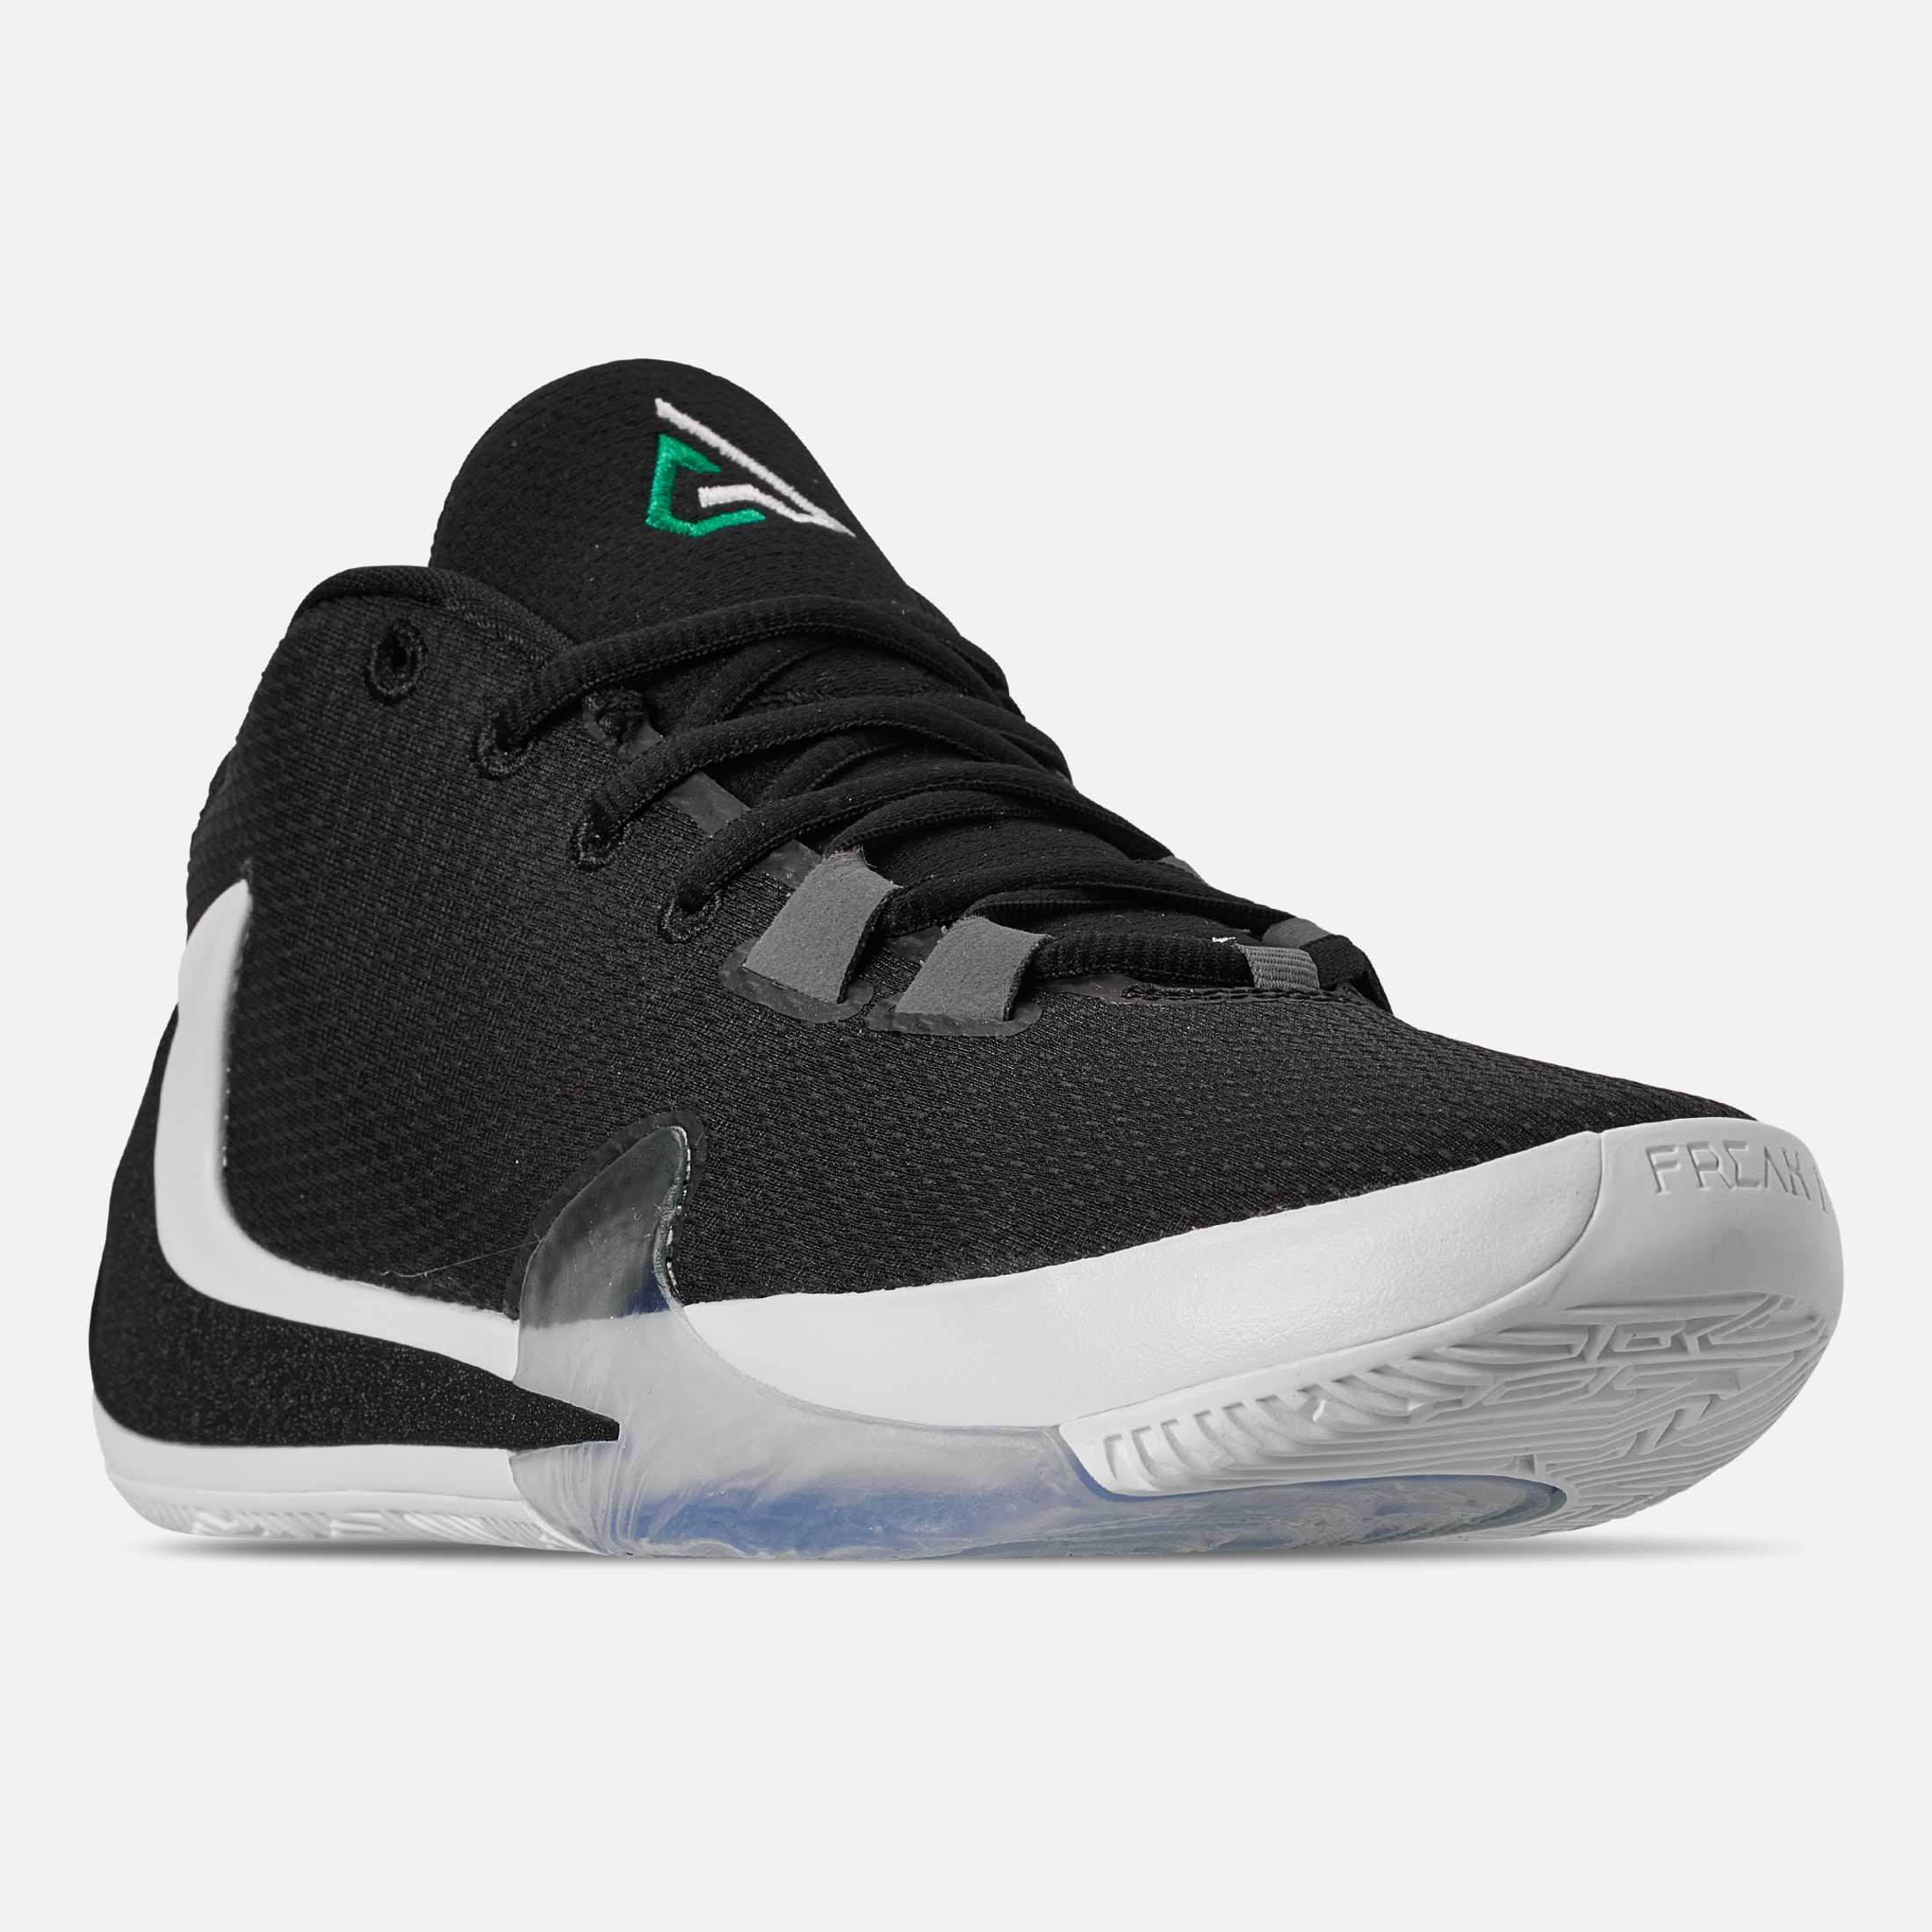 Nike Zoom Freak 1 Black Release Date BQ5422-001 Front